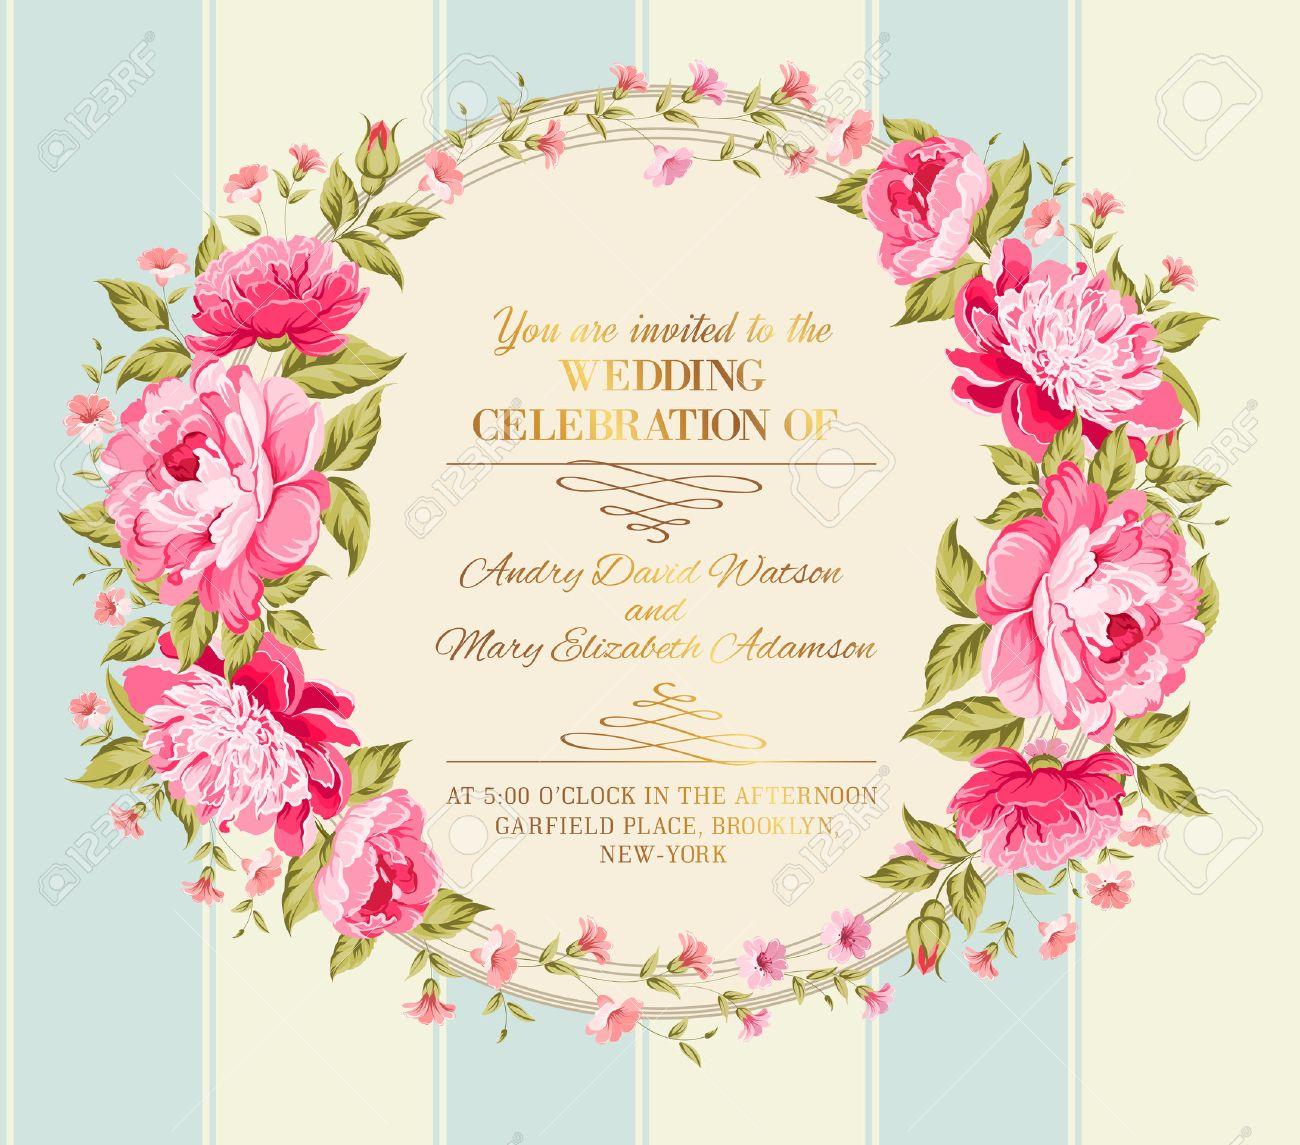 Etiqueta Del Vintage Impresionante De Flores De Colores Ilustracion